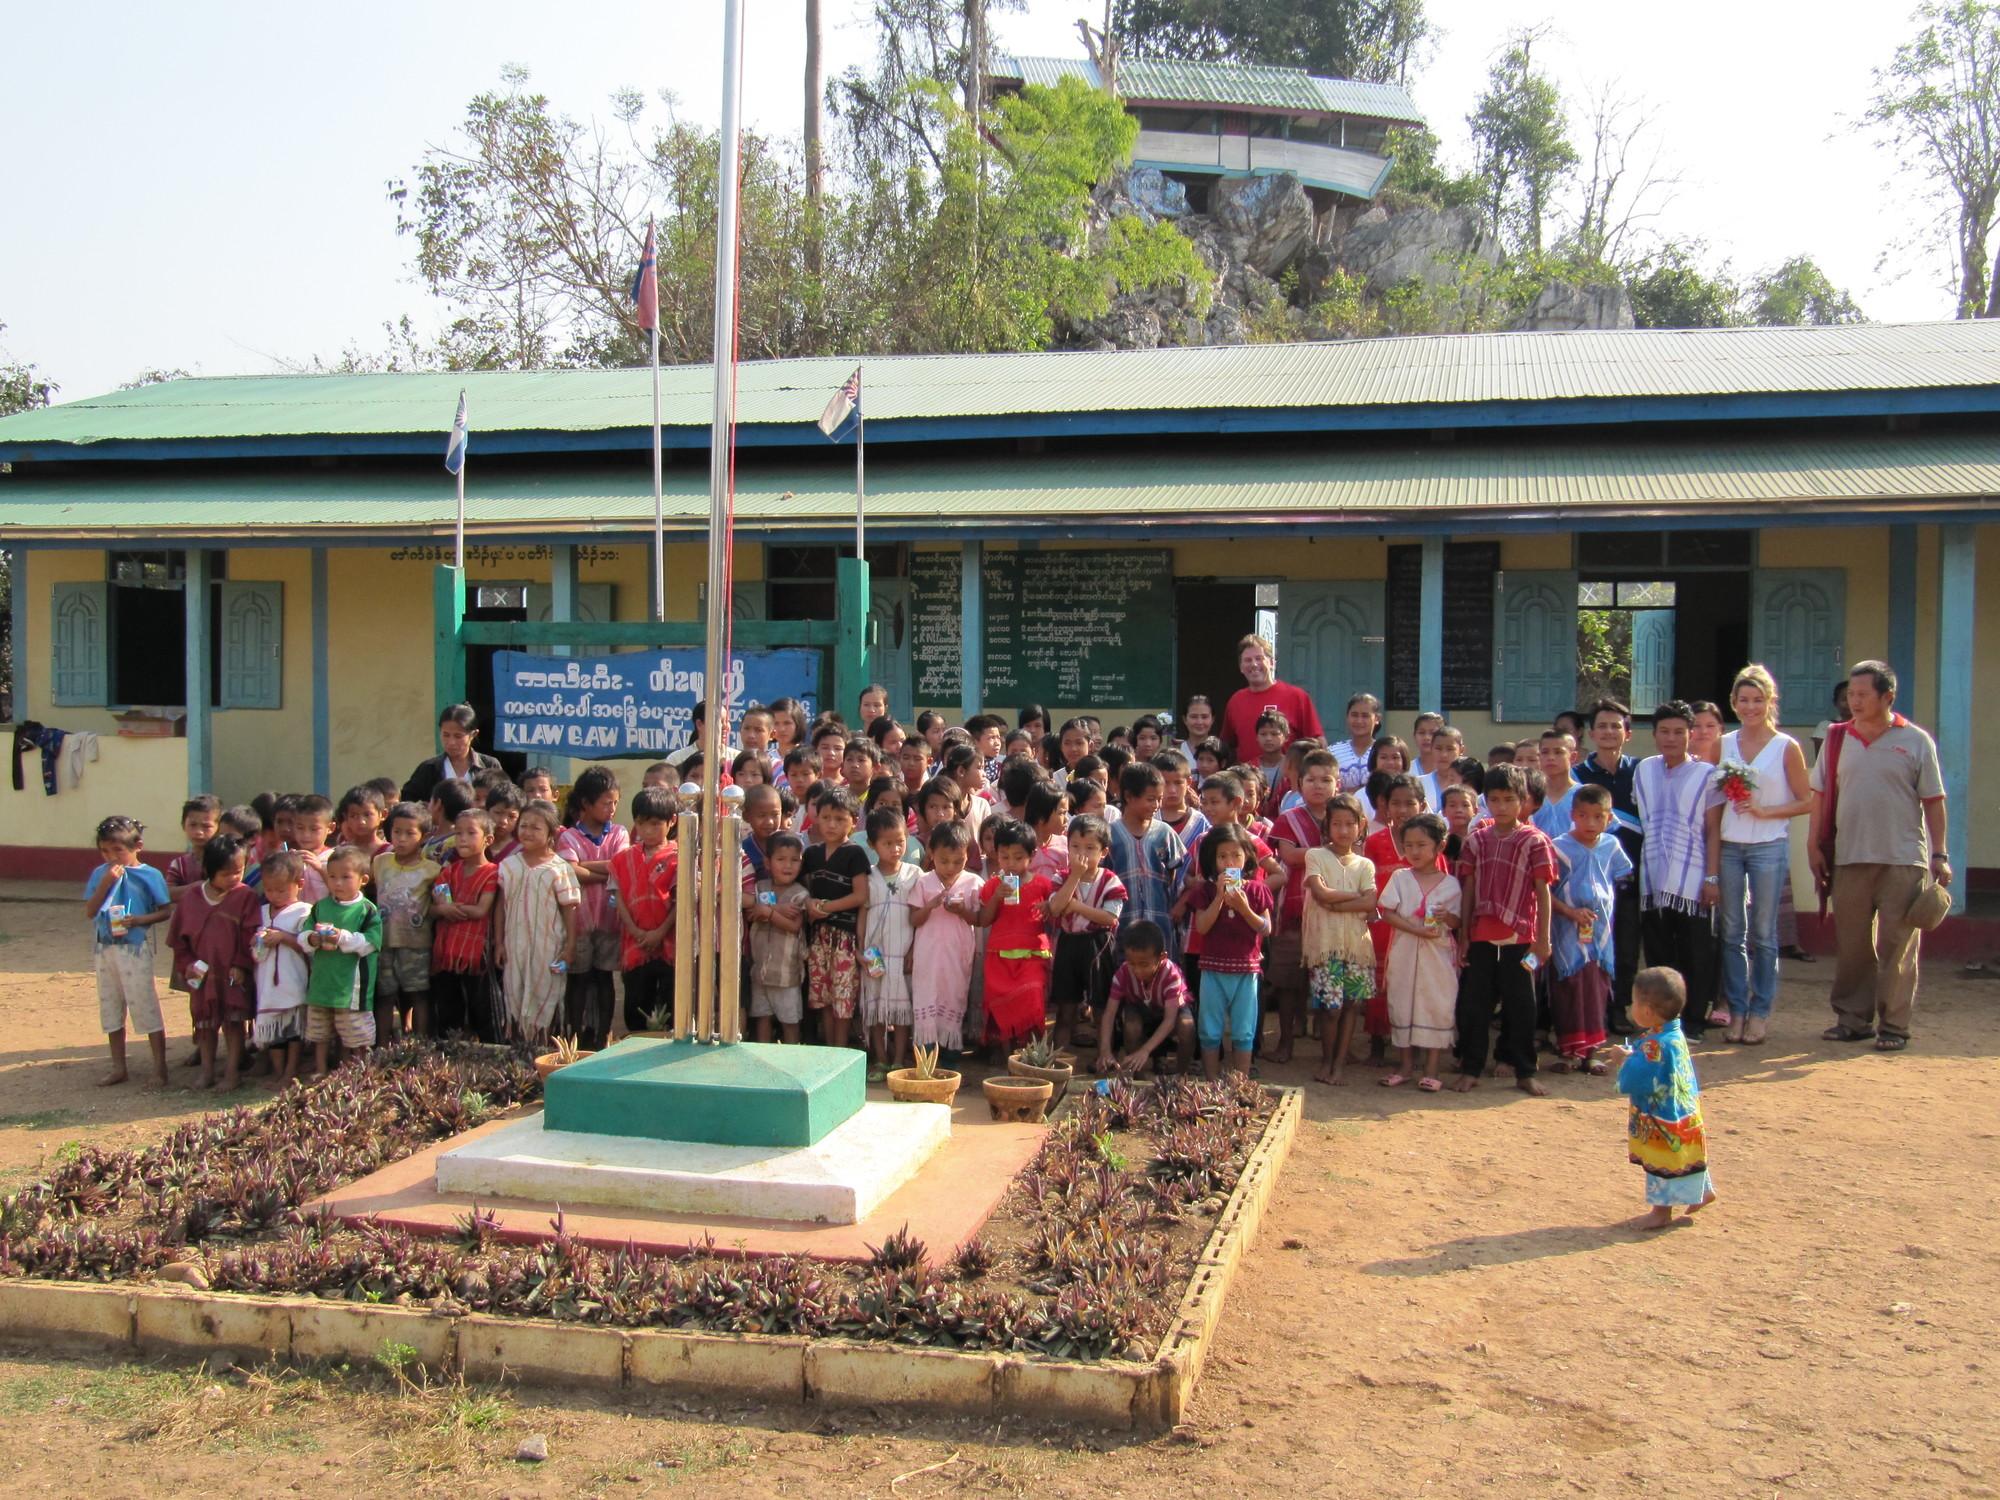 Kaw Law Gaw School